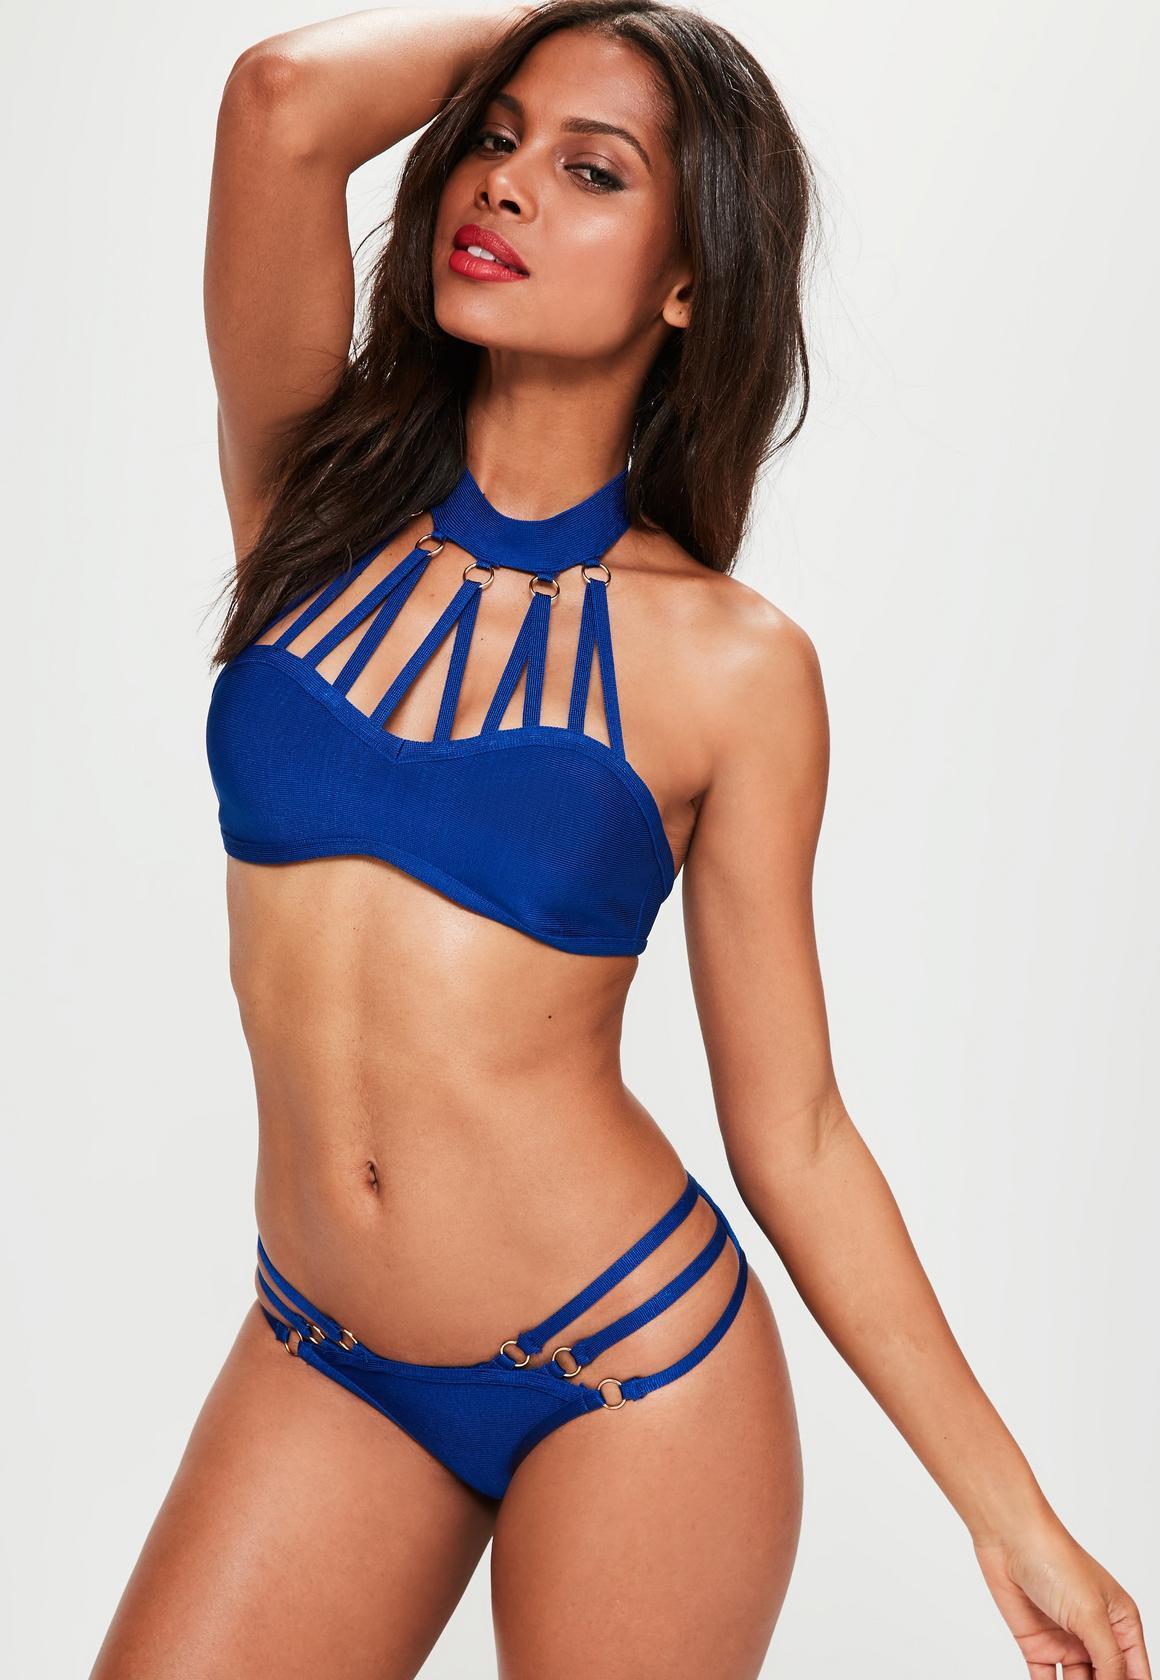 Sofia Vergara Bikini | Bandage Bikini | Cheeky Bikini Bottoms